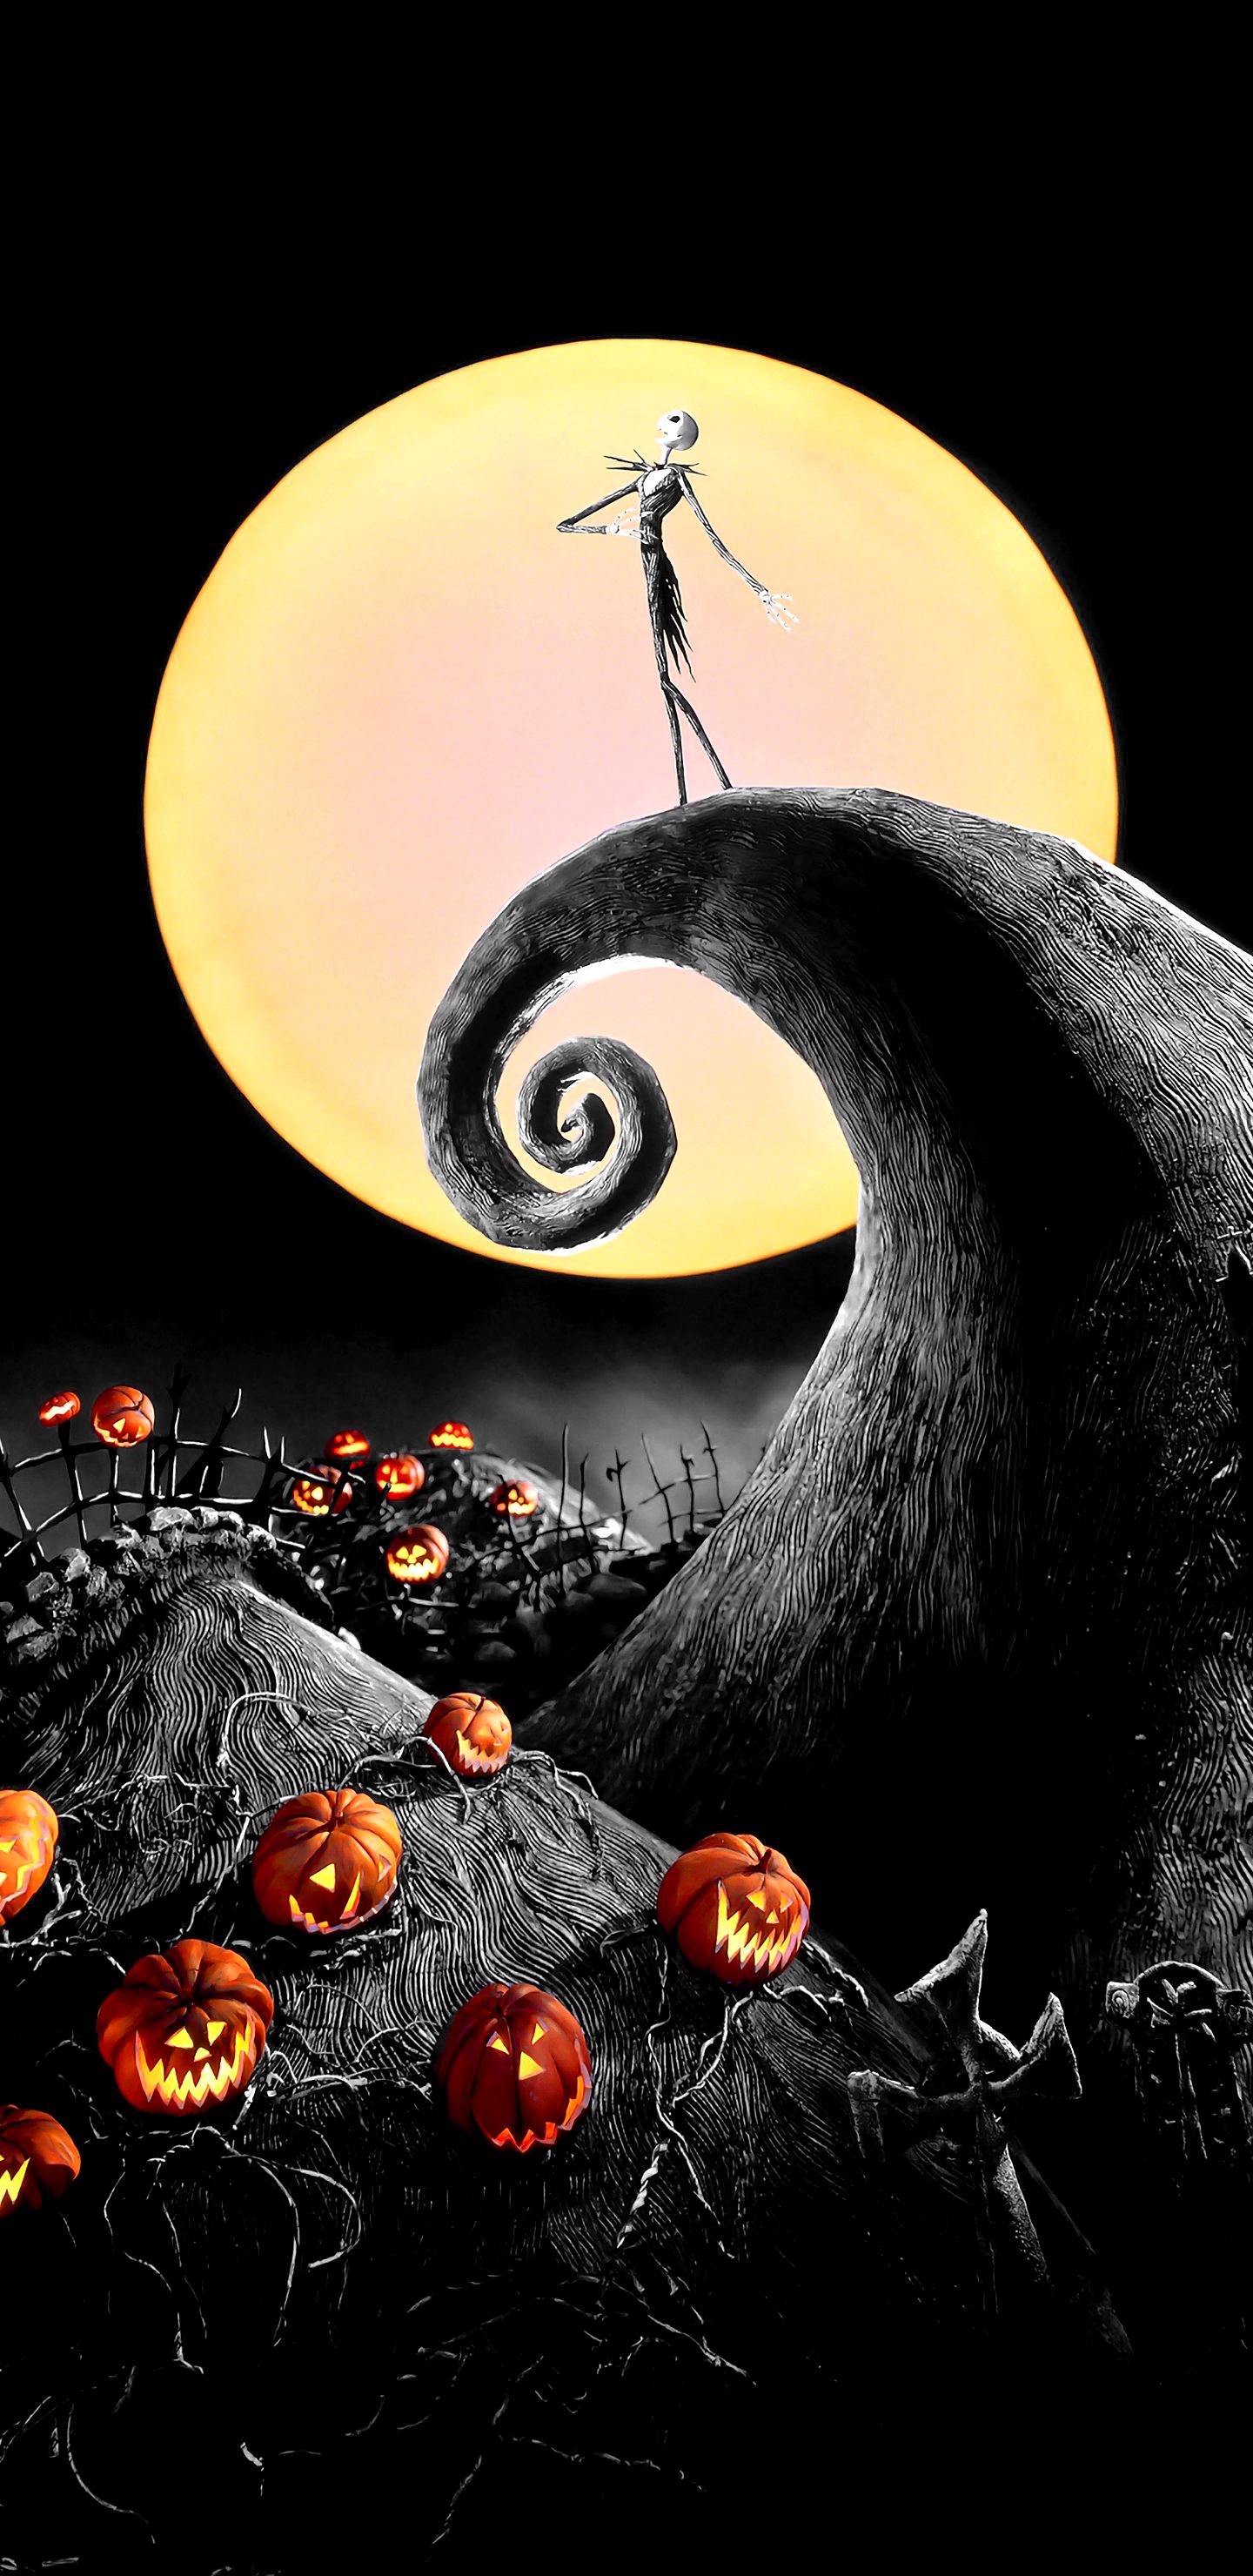 Pin by Brooke Elizabeth on Halloween ideas in 2018 | Pinterest ...